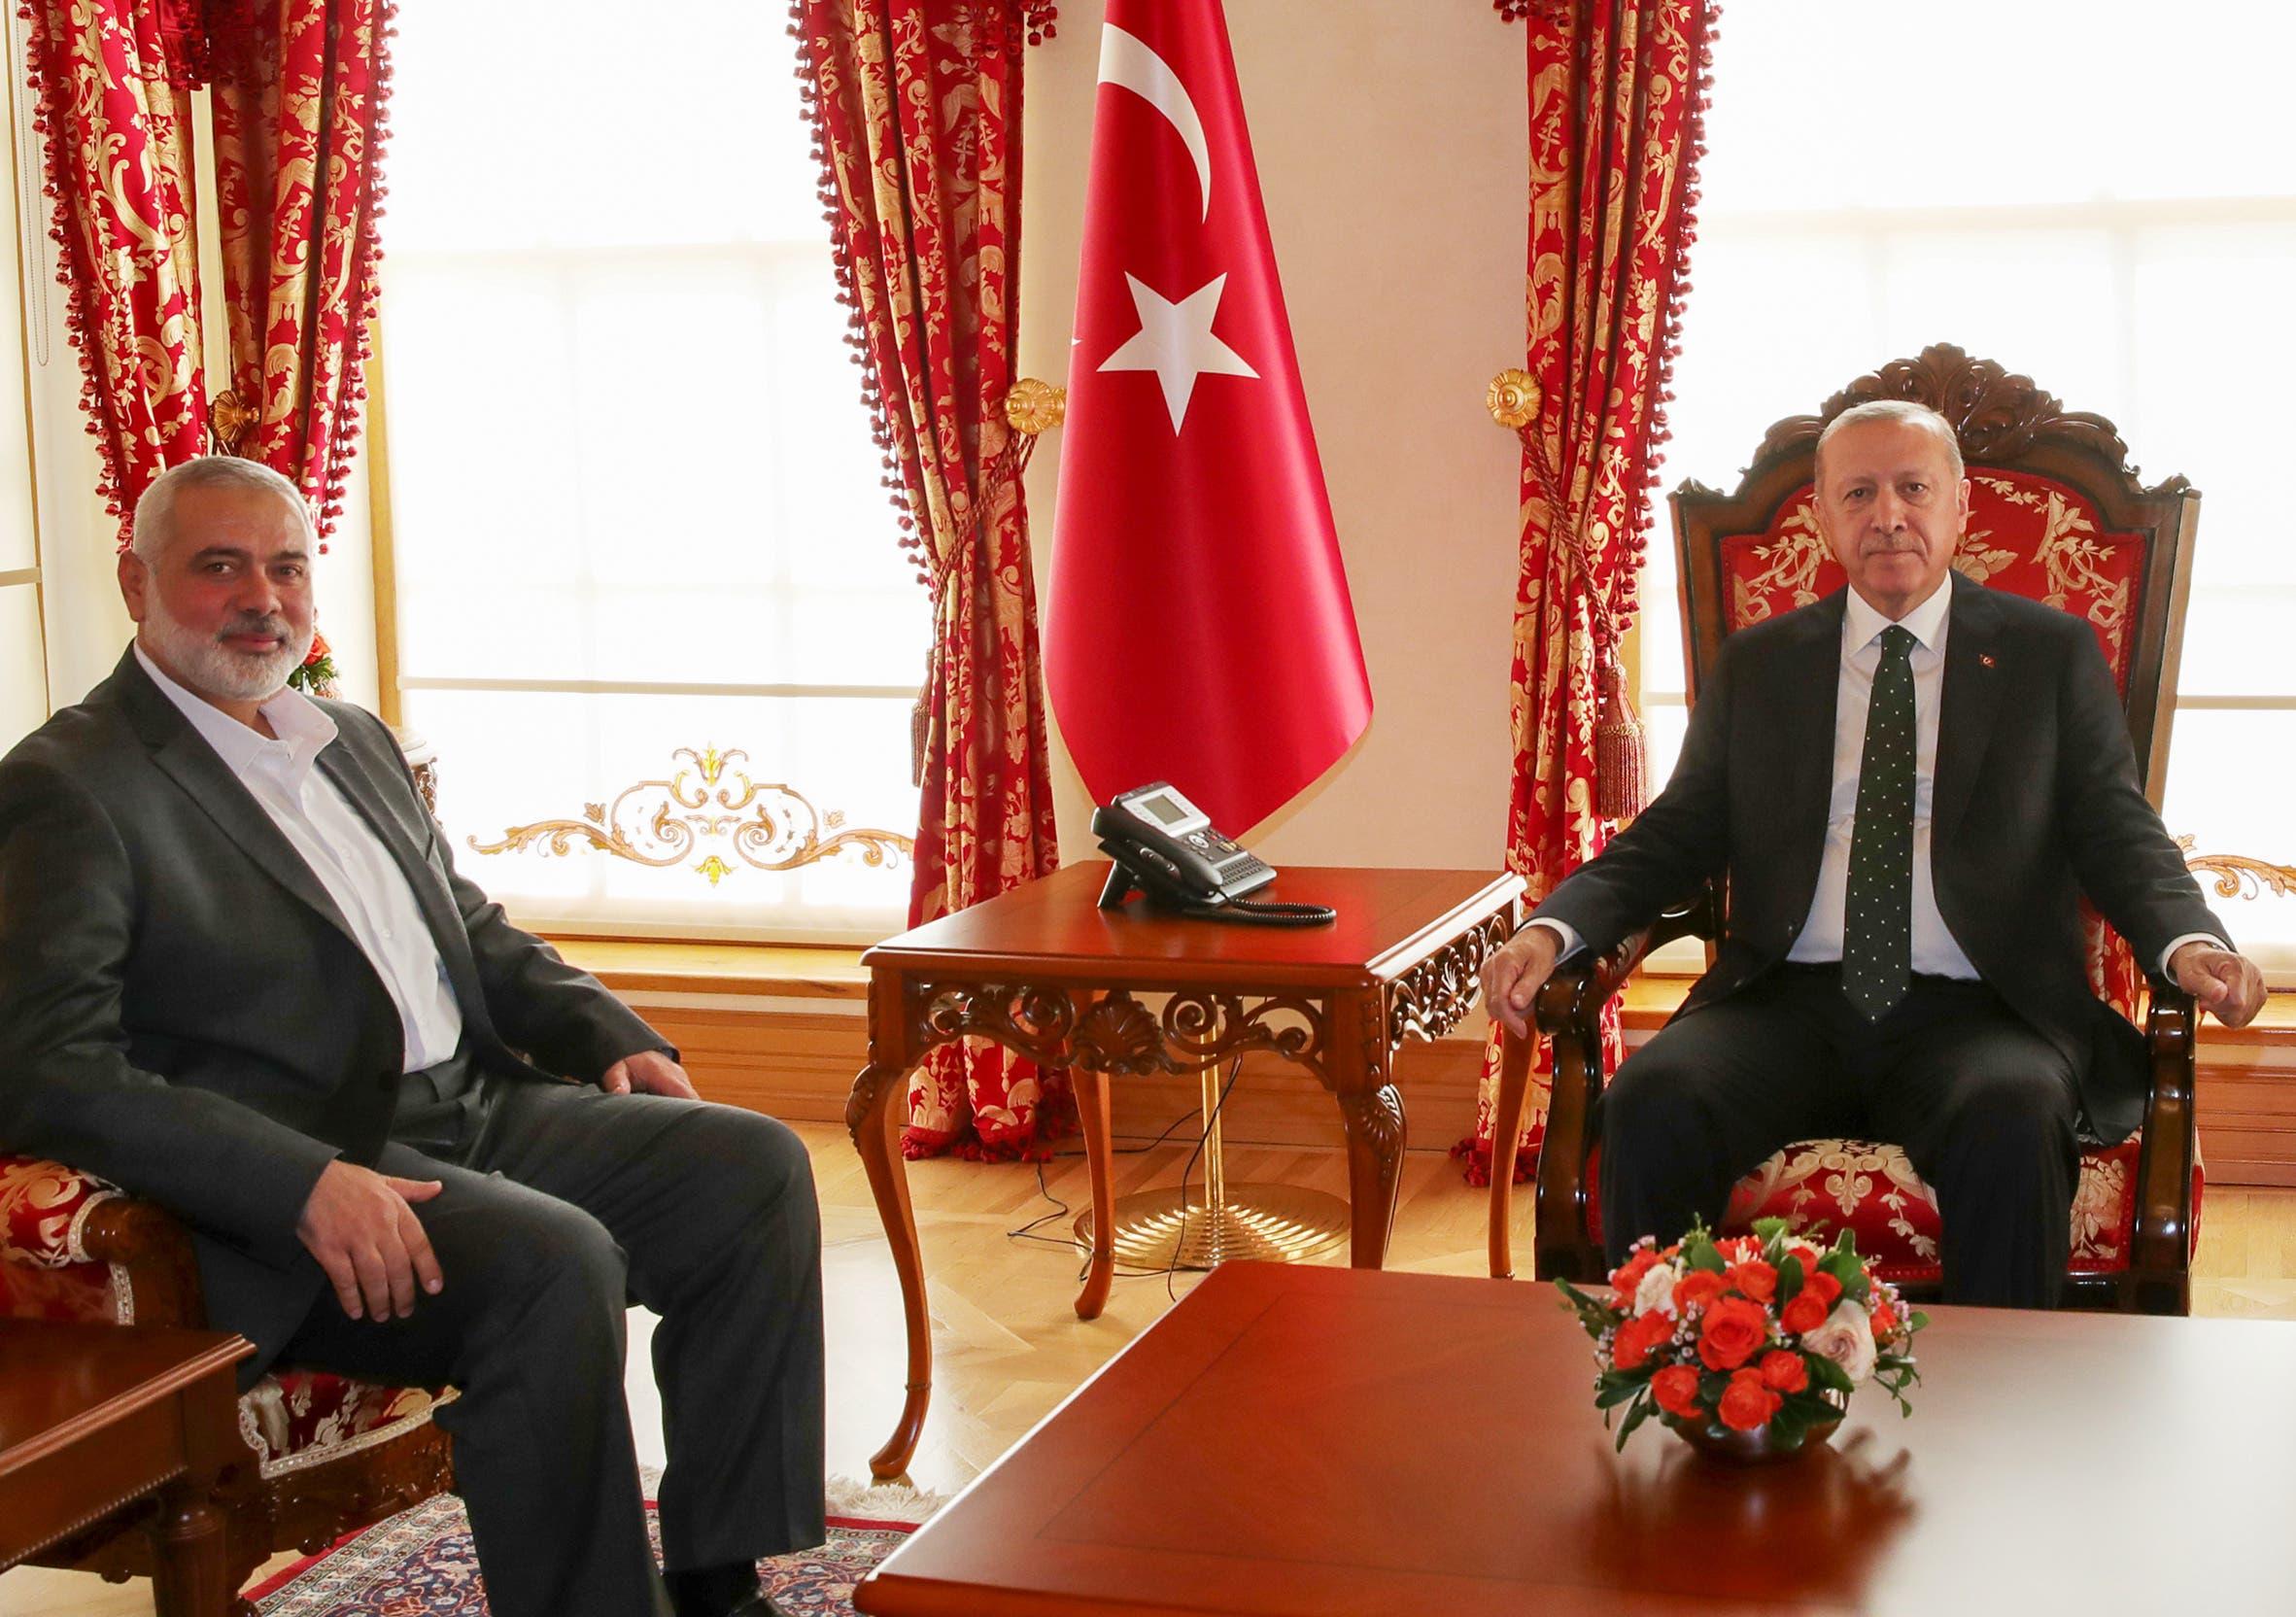 الرئيس التركي رجب طيب أردوغان ورئيس المكتب السياسي لحماس إسماعيل هنية (أرشيفية - فرانس برس)